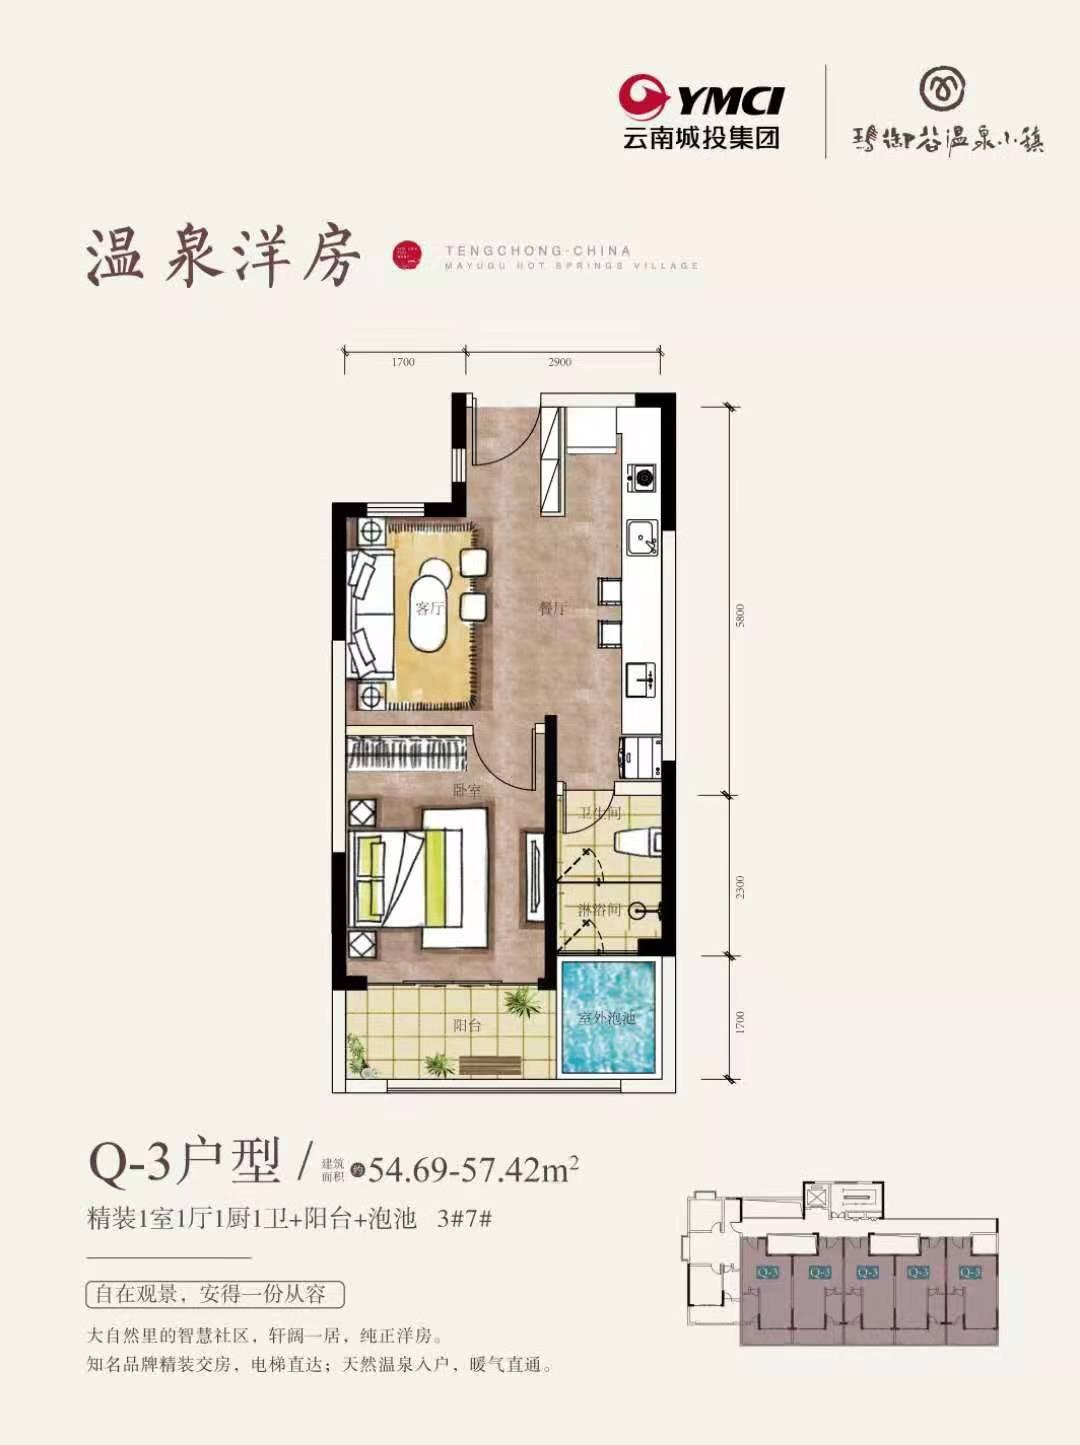 温泉洋房Q-3 1室1厅1卫 建面54.69-57.42㎡